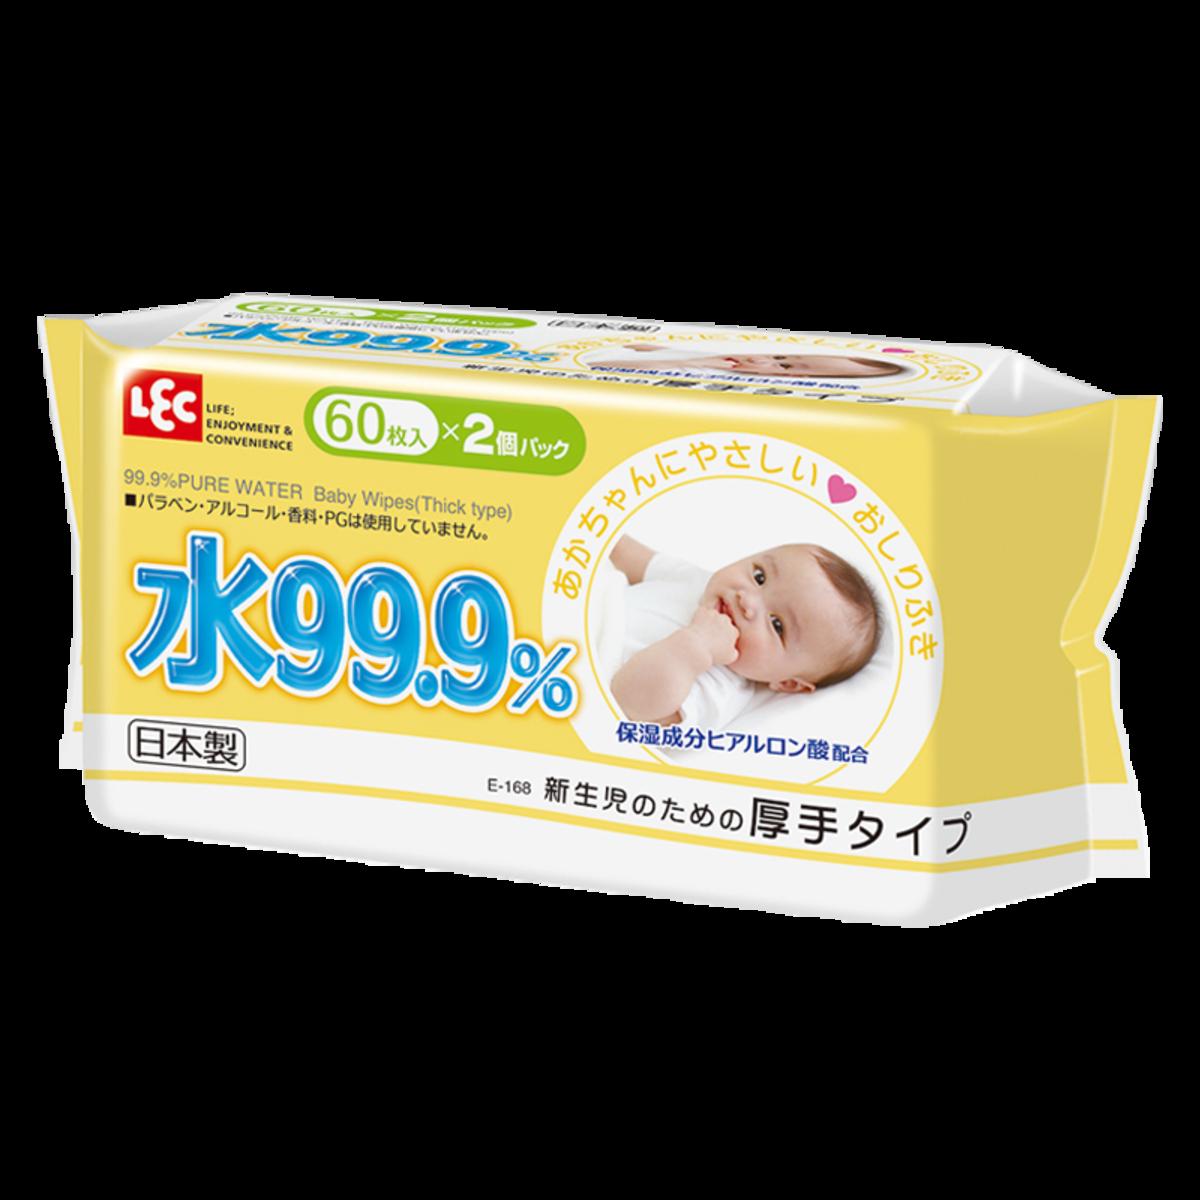 幼兒即棄濕抹巾 (厚身) 60片 x 2包